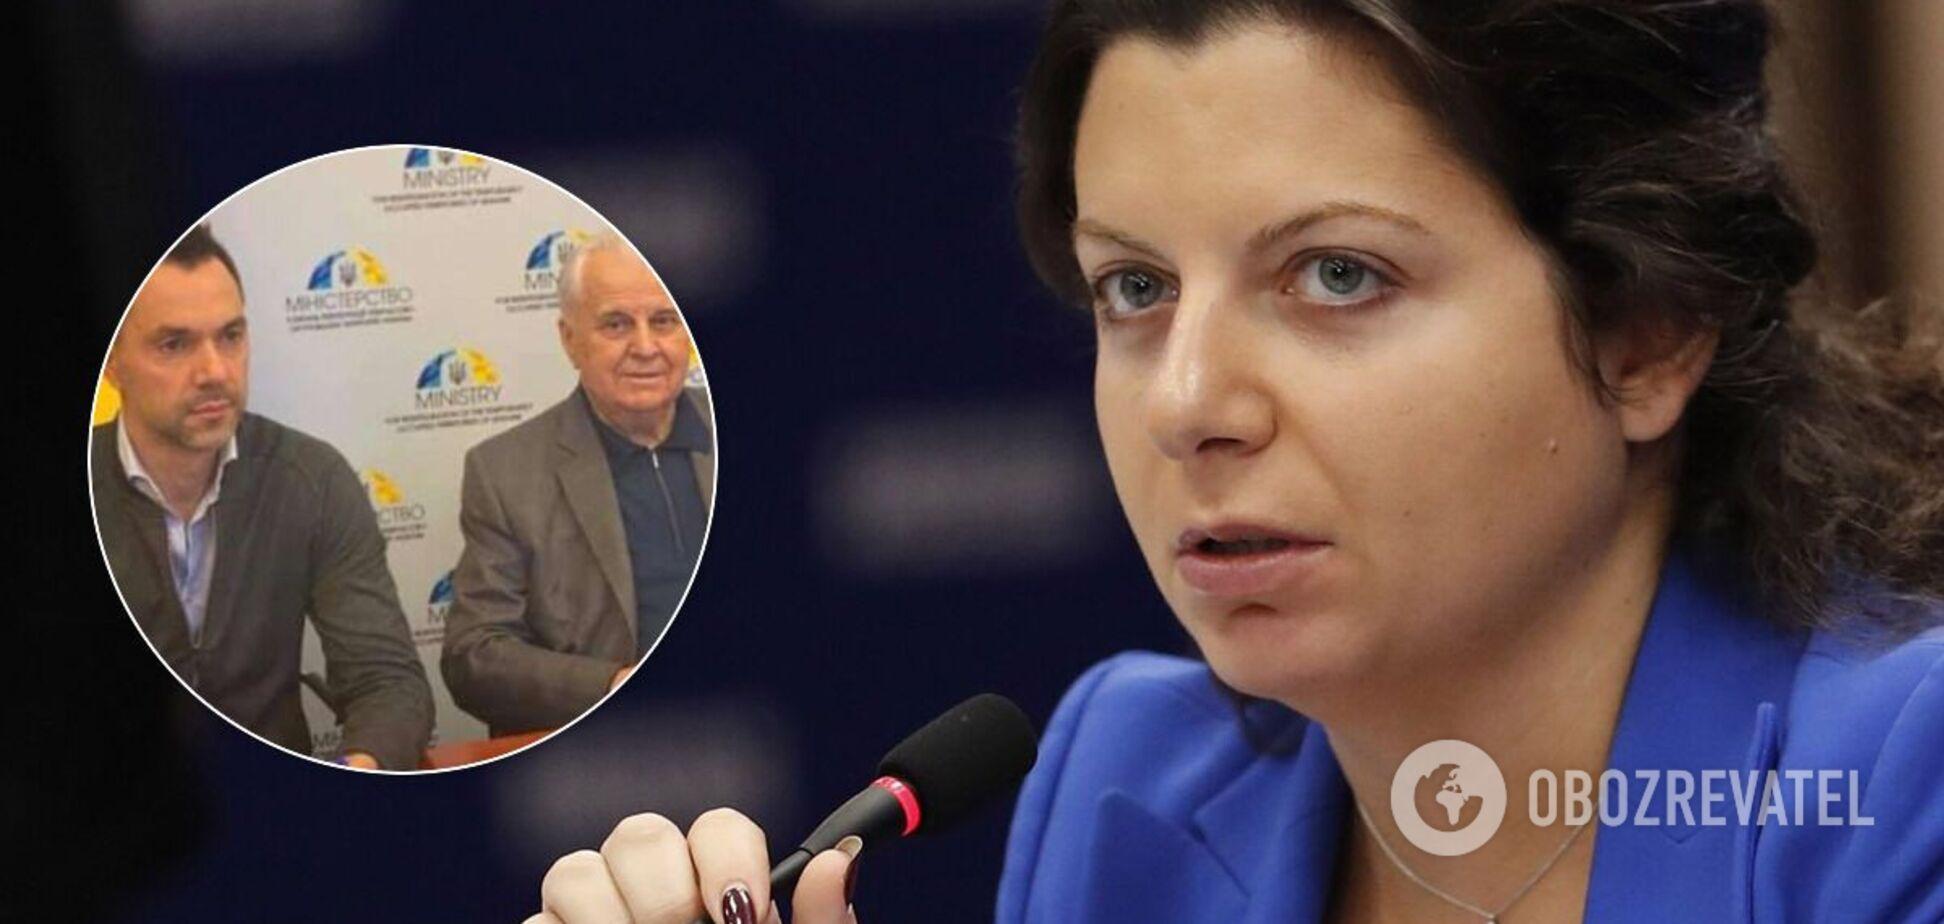 Пропагандистка Путіна виступила в Донецьку